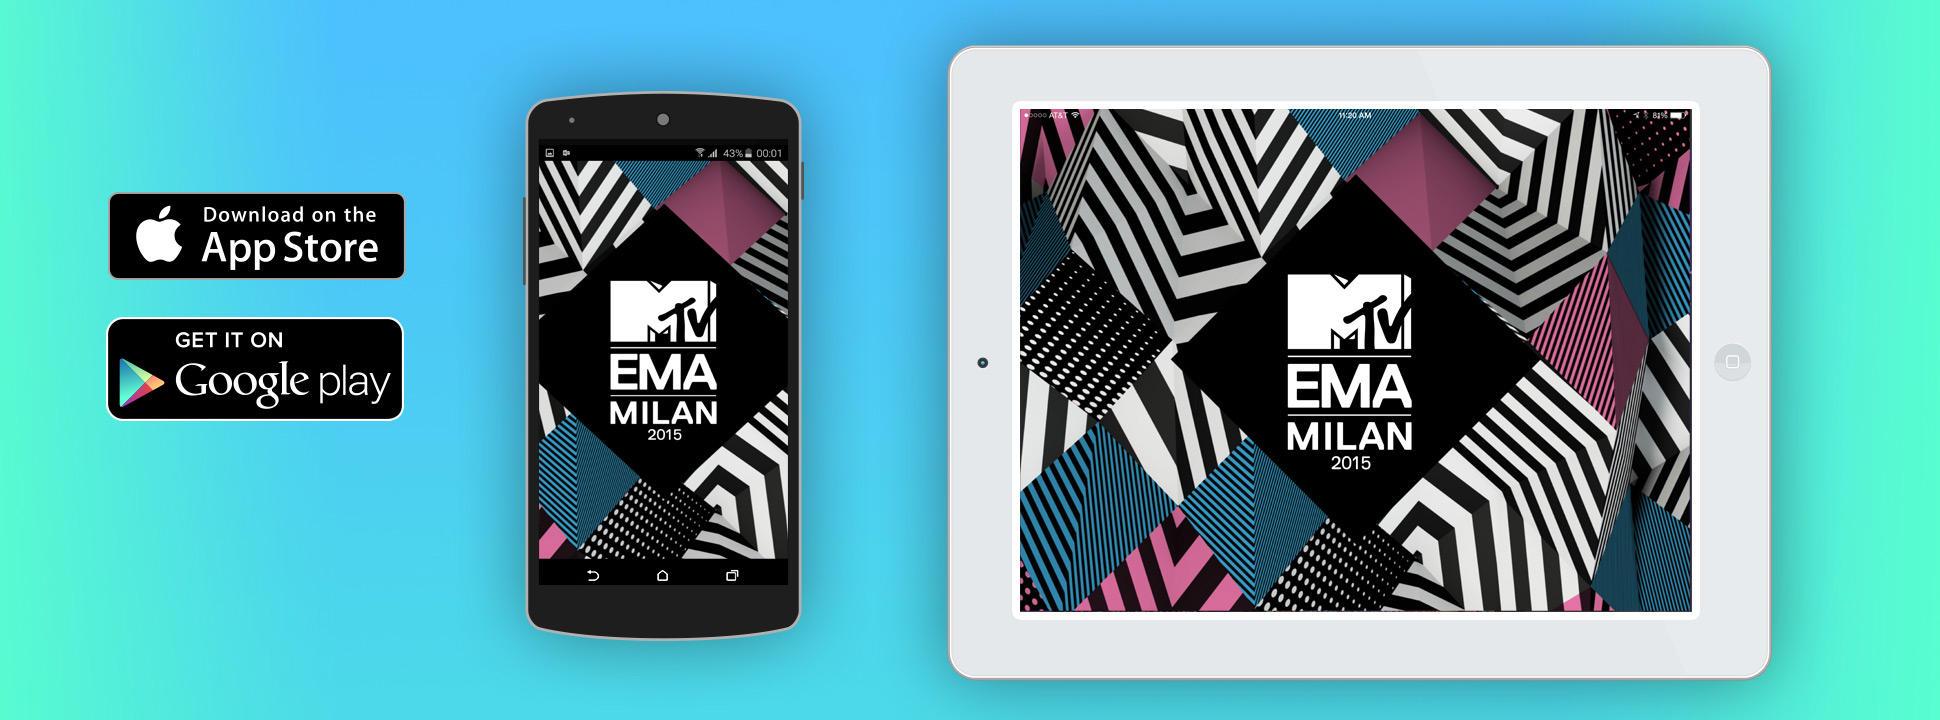 en_app_mtvema